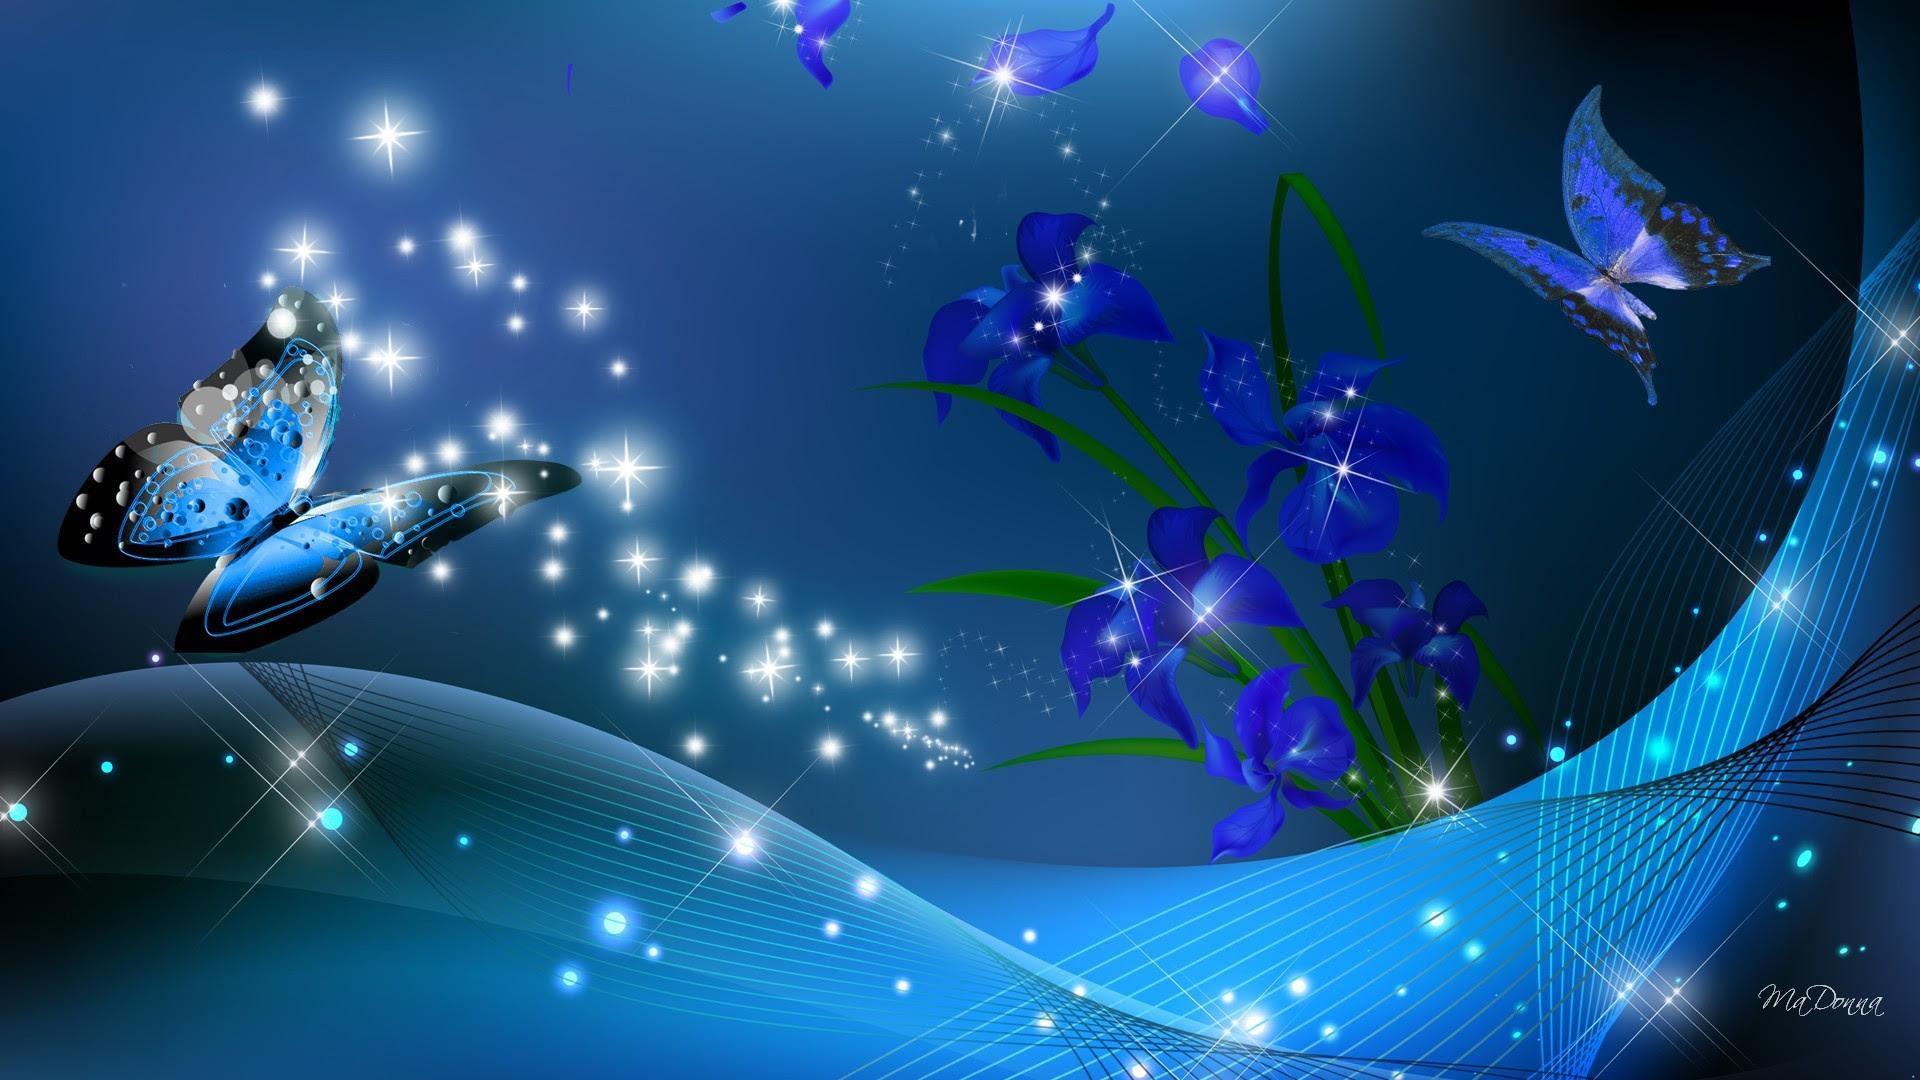 Blue Sparkle Wallpaper (65+ images)